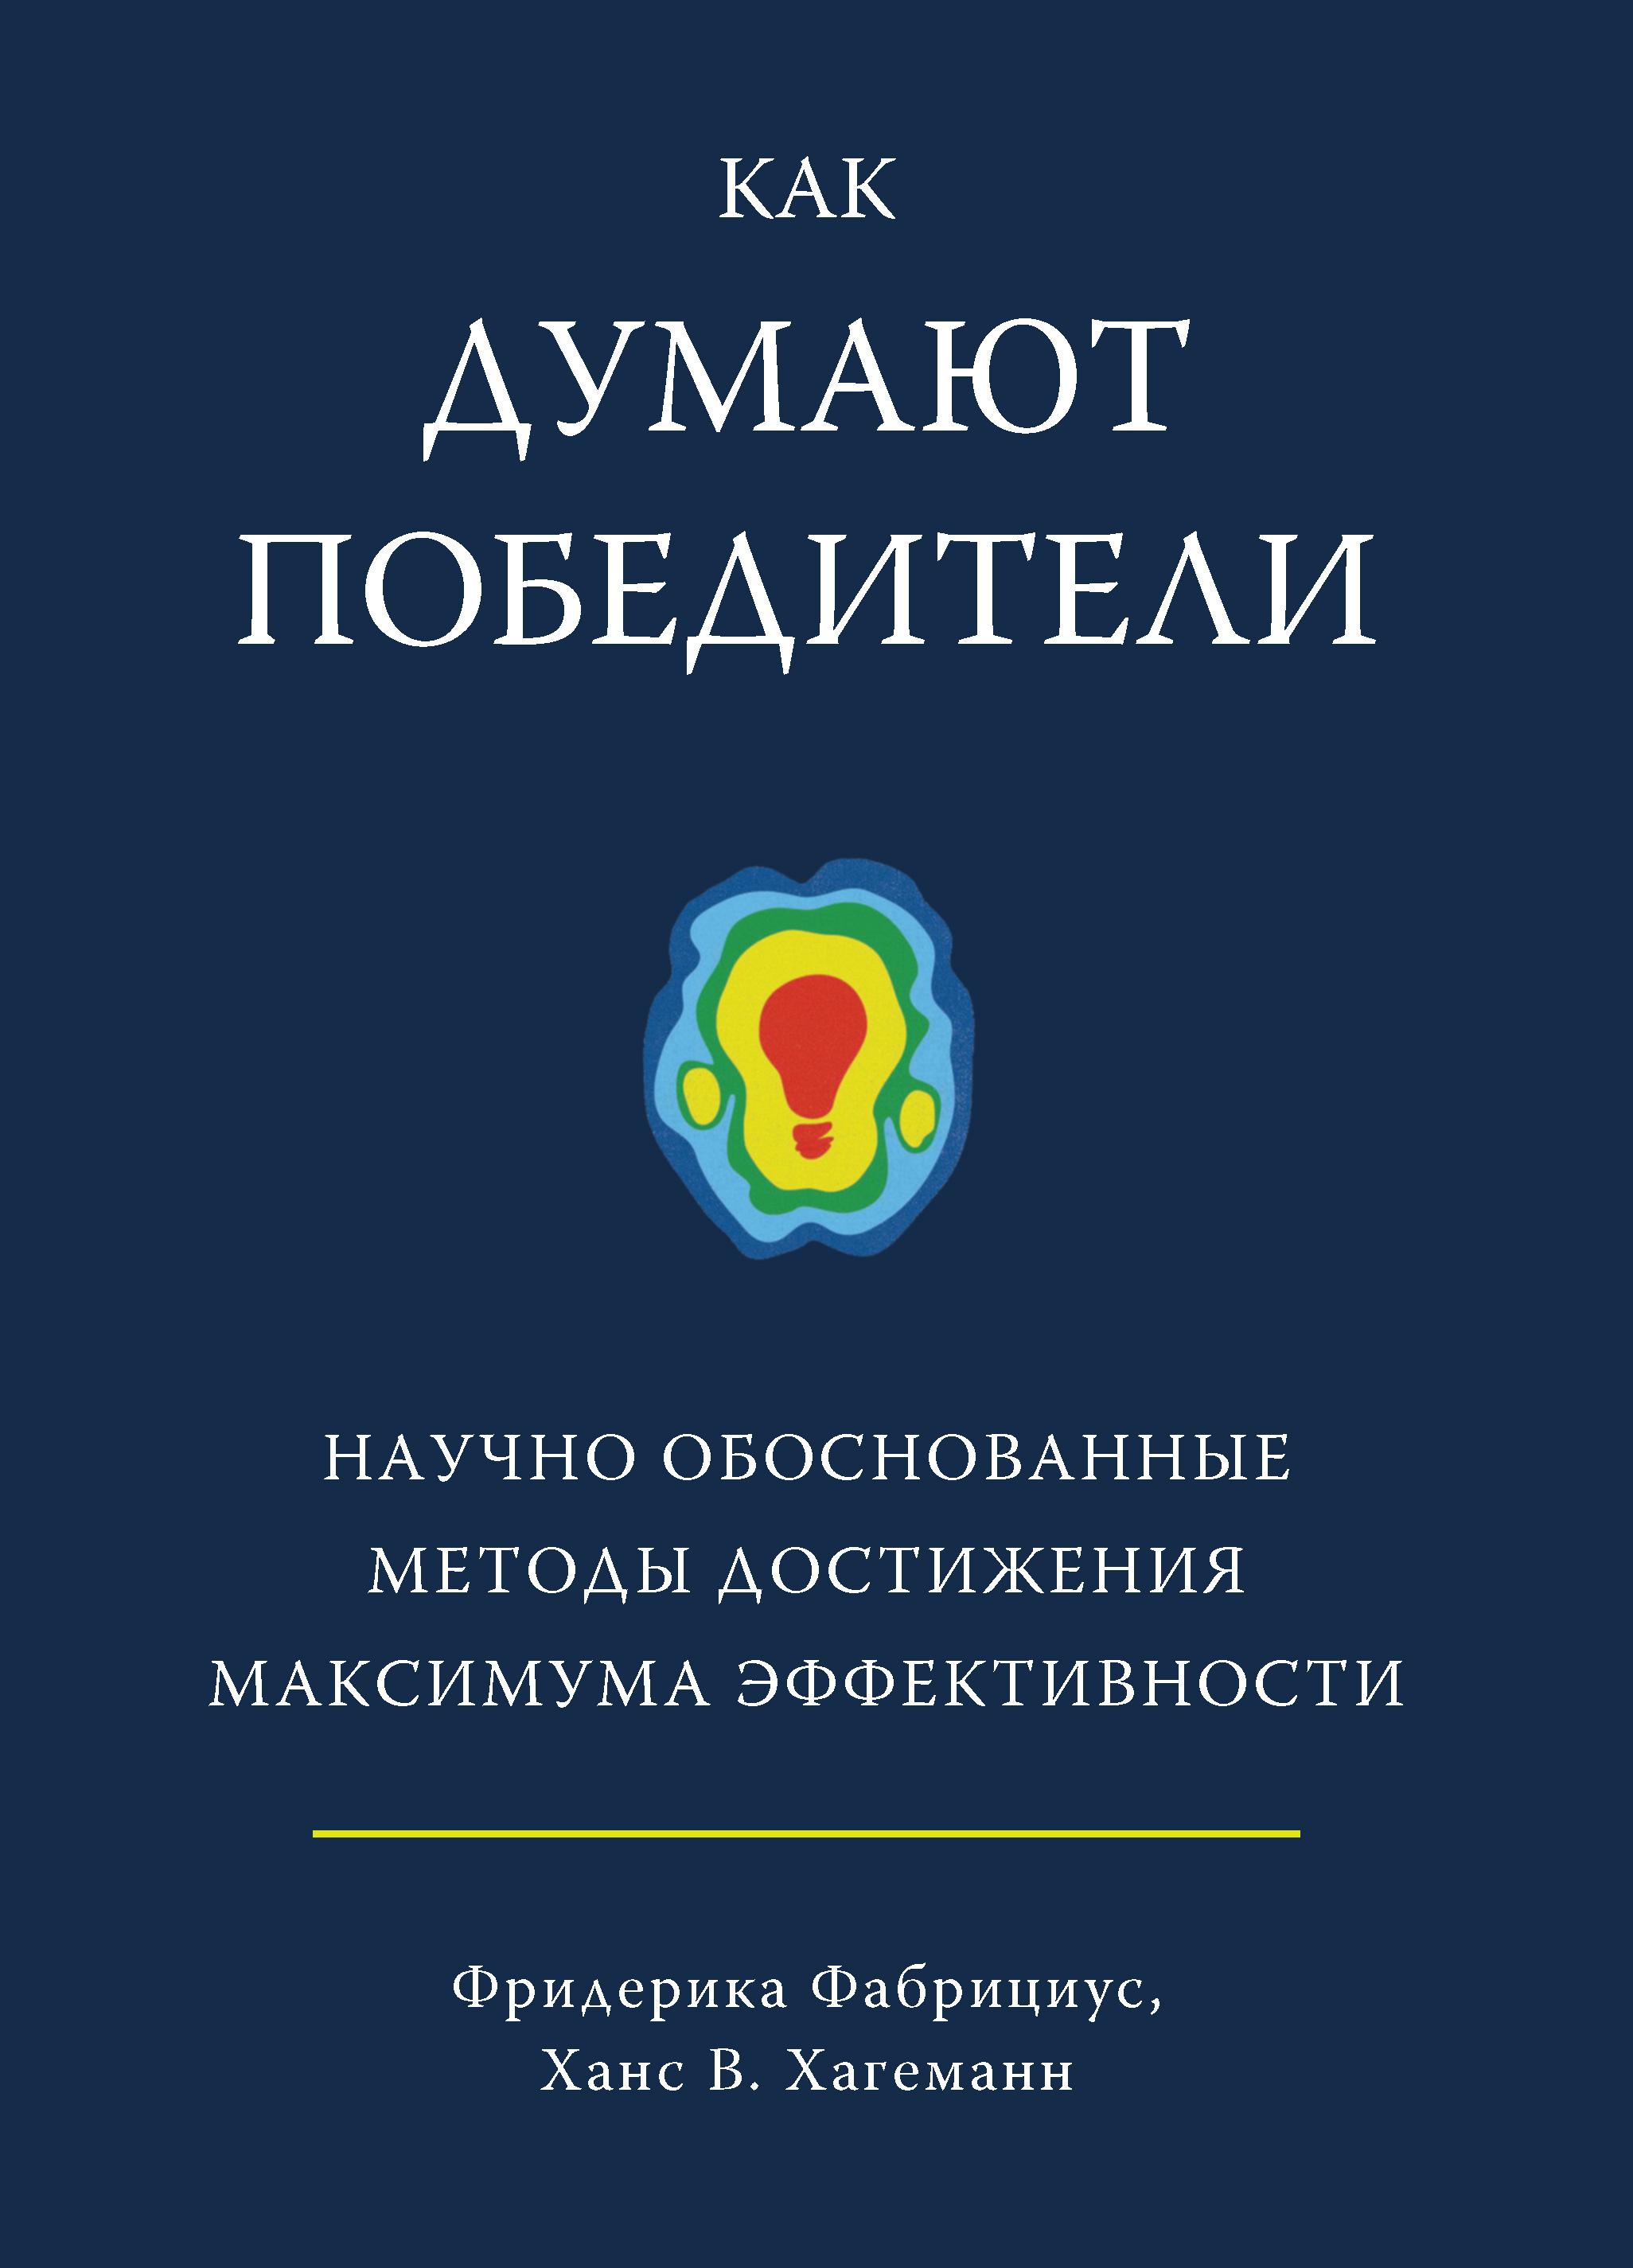 Ханс Хагеманн, Фридерика Фабрициус «Как думают победители. Научно обоснованные методы достижения максимума эффективности»